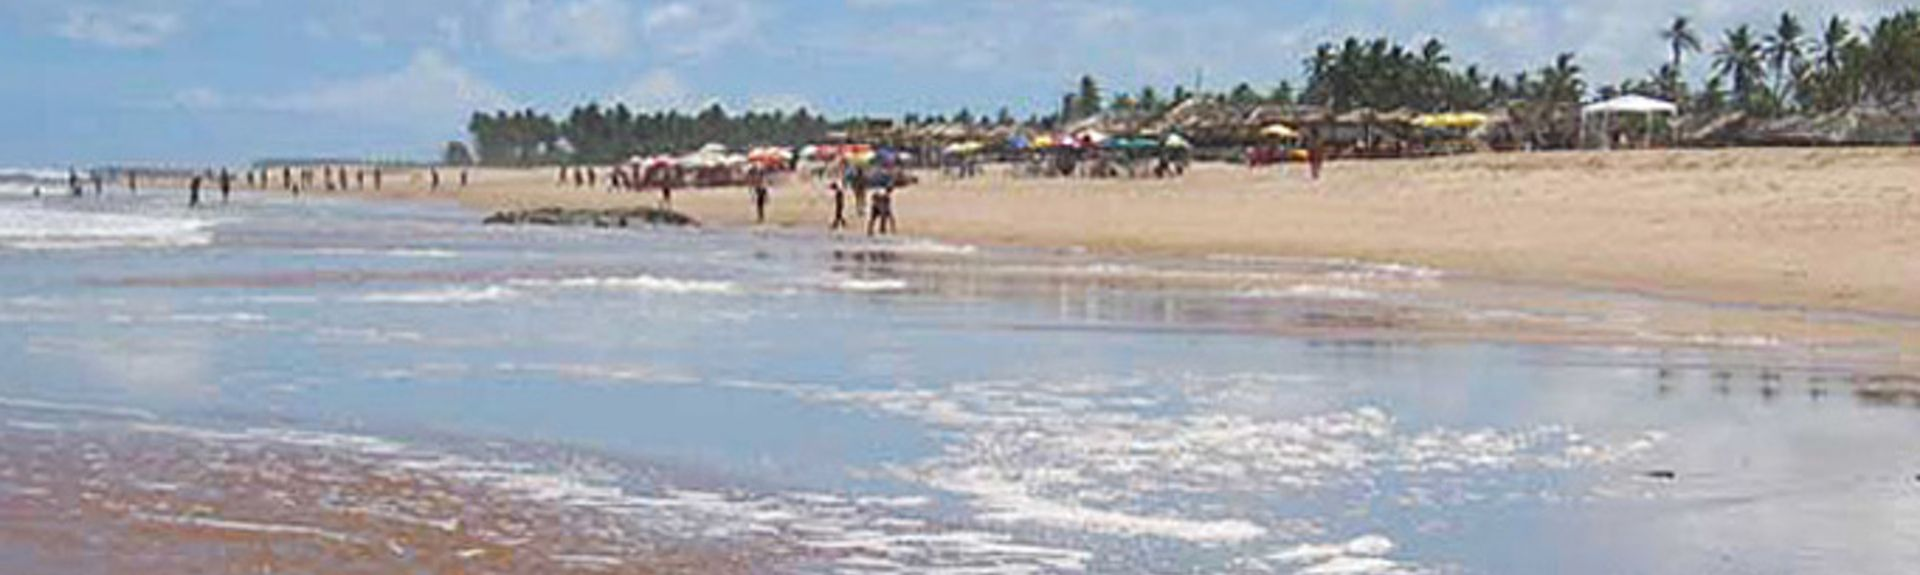 Barra do Jacuípe, Camaçari, Bahia, Brasilien